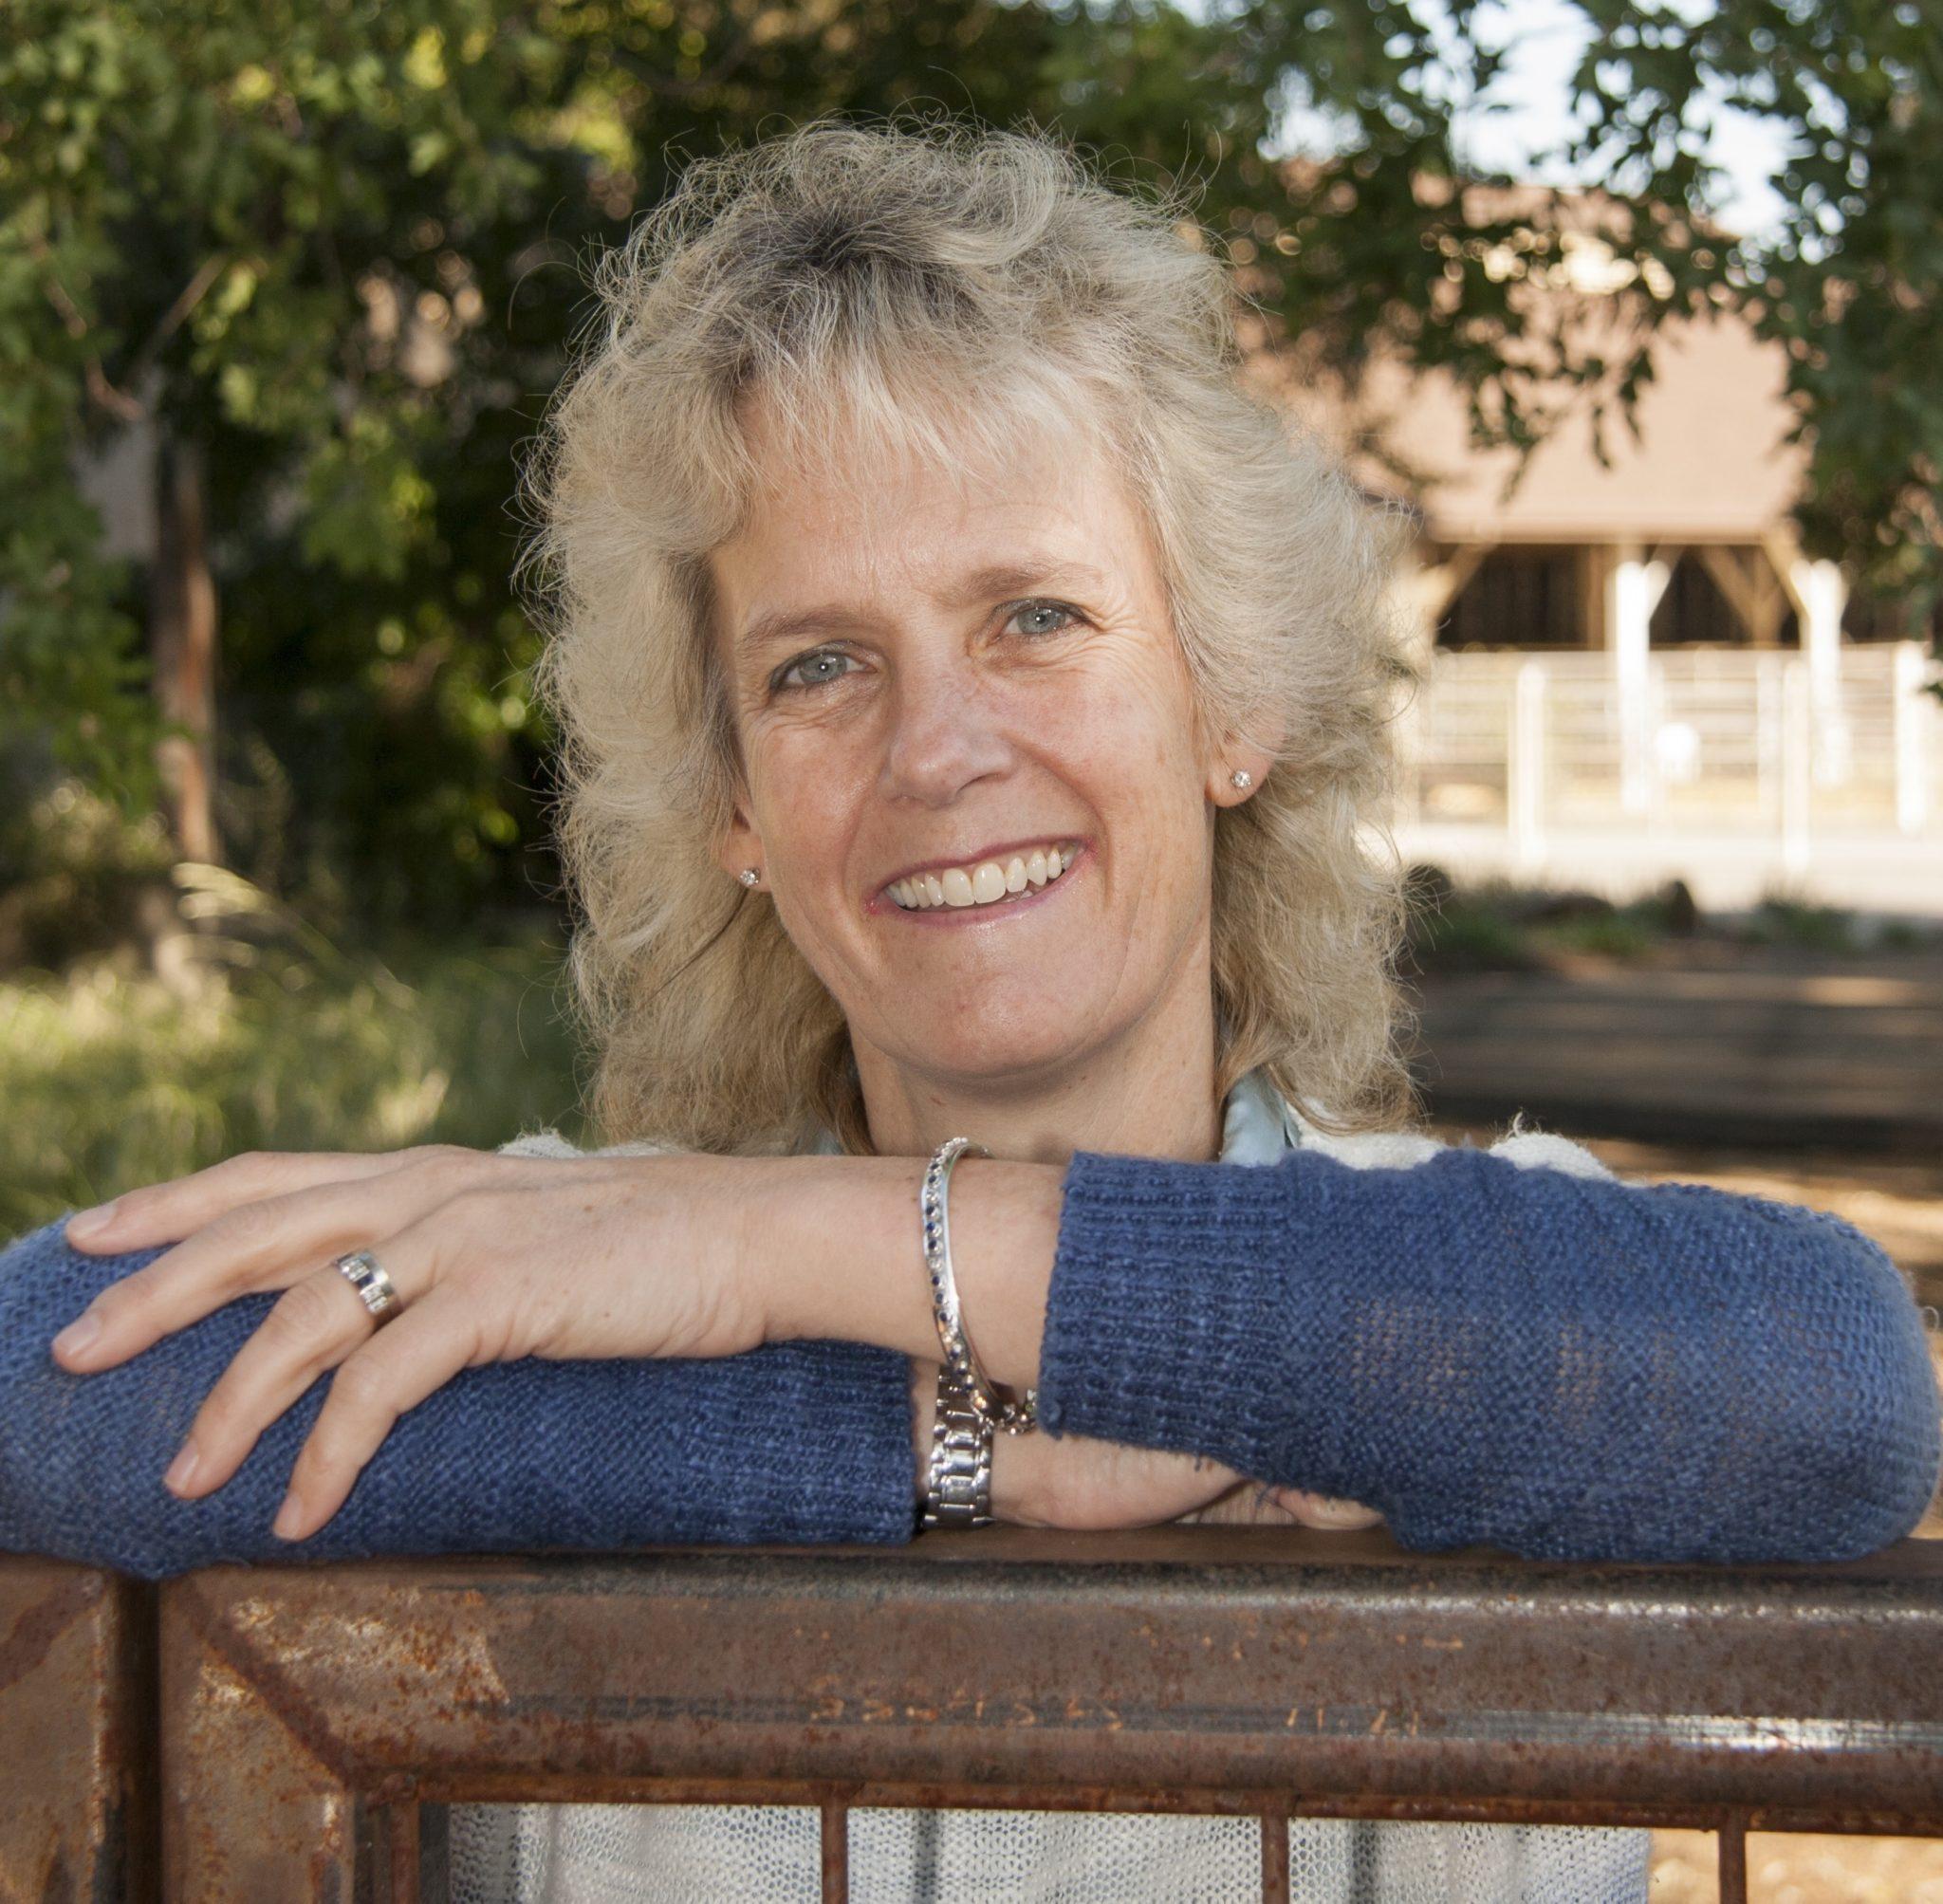 Dr. Alison Van Eenennaam